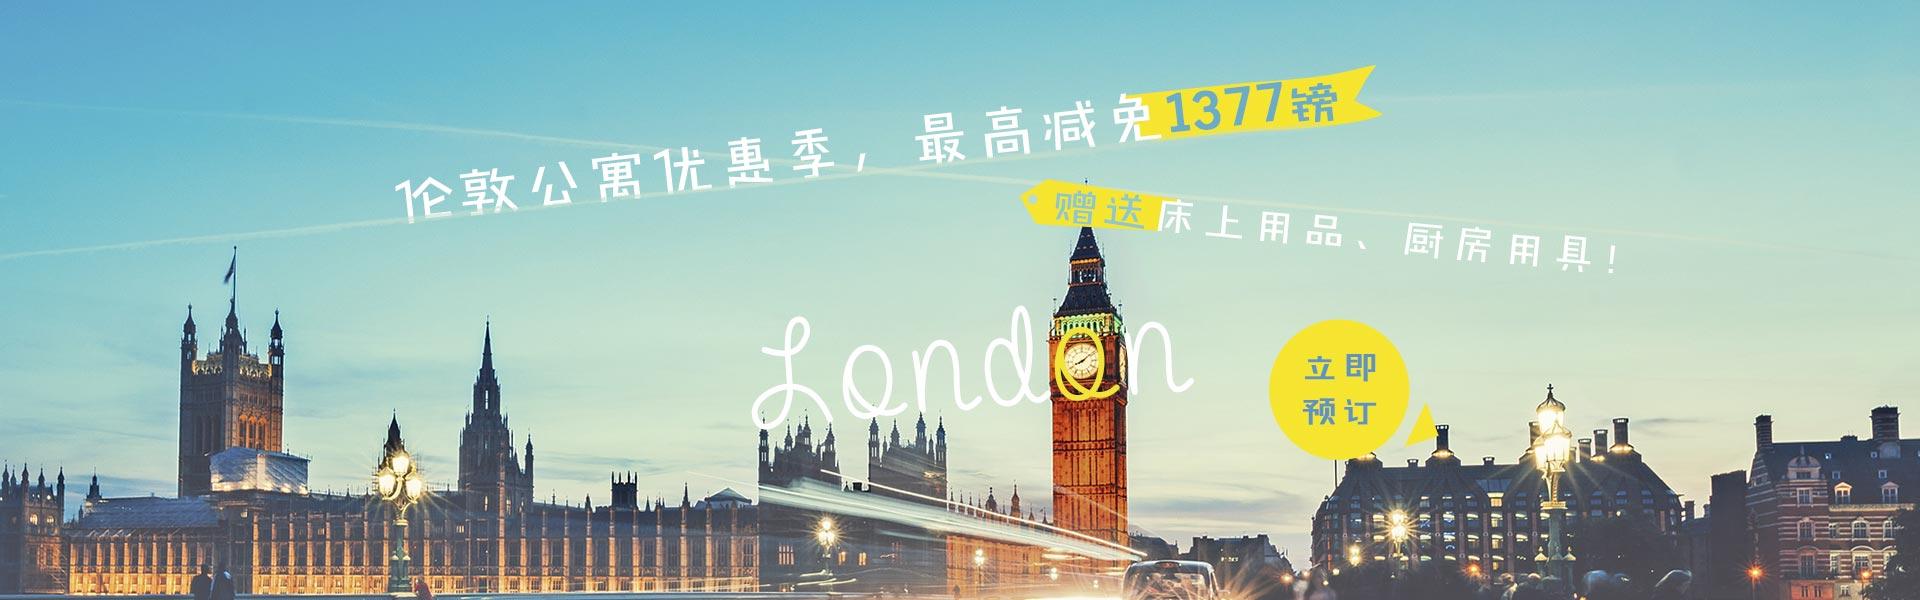 伦敦公寓优惠季,最高减免1377镑,还送床上用品、厨房用具哦!